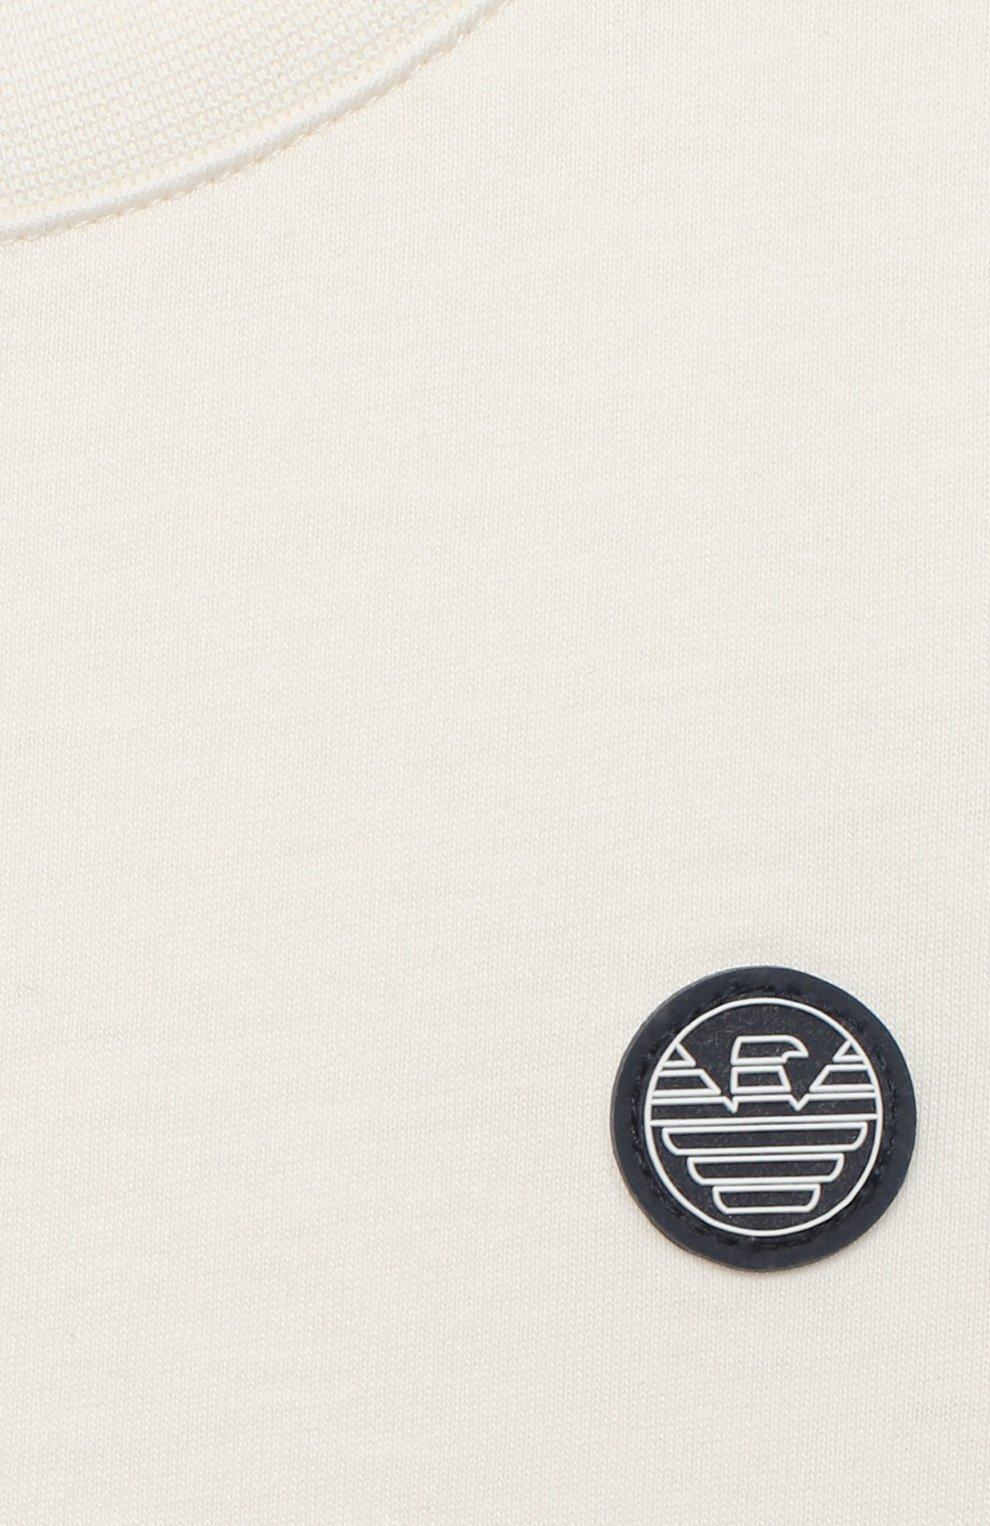 Детского комплект из футболки и шорт EMPORIO ARMANI белого цвета, арт. 3K4V06/4J4JZ | Фото 4 (Рукава: Короткие; Материал внешний: Хлопок; Мальчики Кросс-КТ: Костюмы-спорт; Ростовка одежда: 10 - 11 лет | 140 - 146см, 13 - 15 лет | 158 см, 16 лет | 164 см, 4 года | 104 см, 5 лет | 110 см, 6 лет | 116 см, 7 лет | 122 см, 8 лет | 128 см)